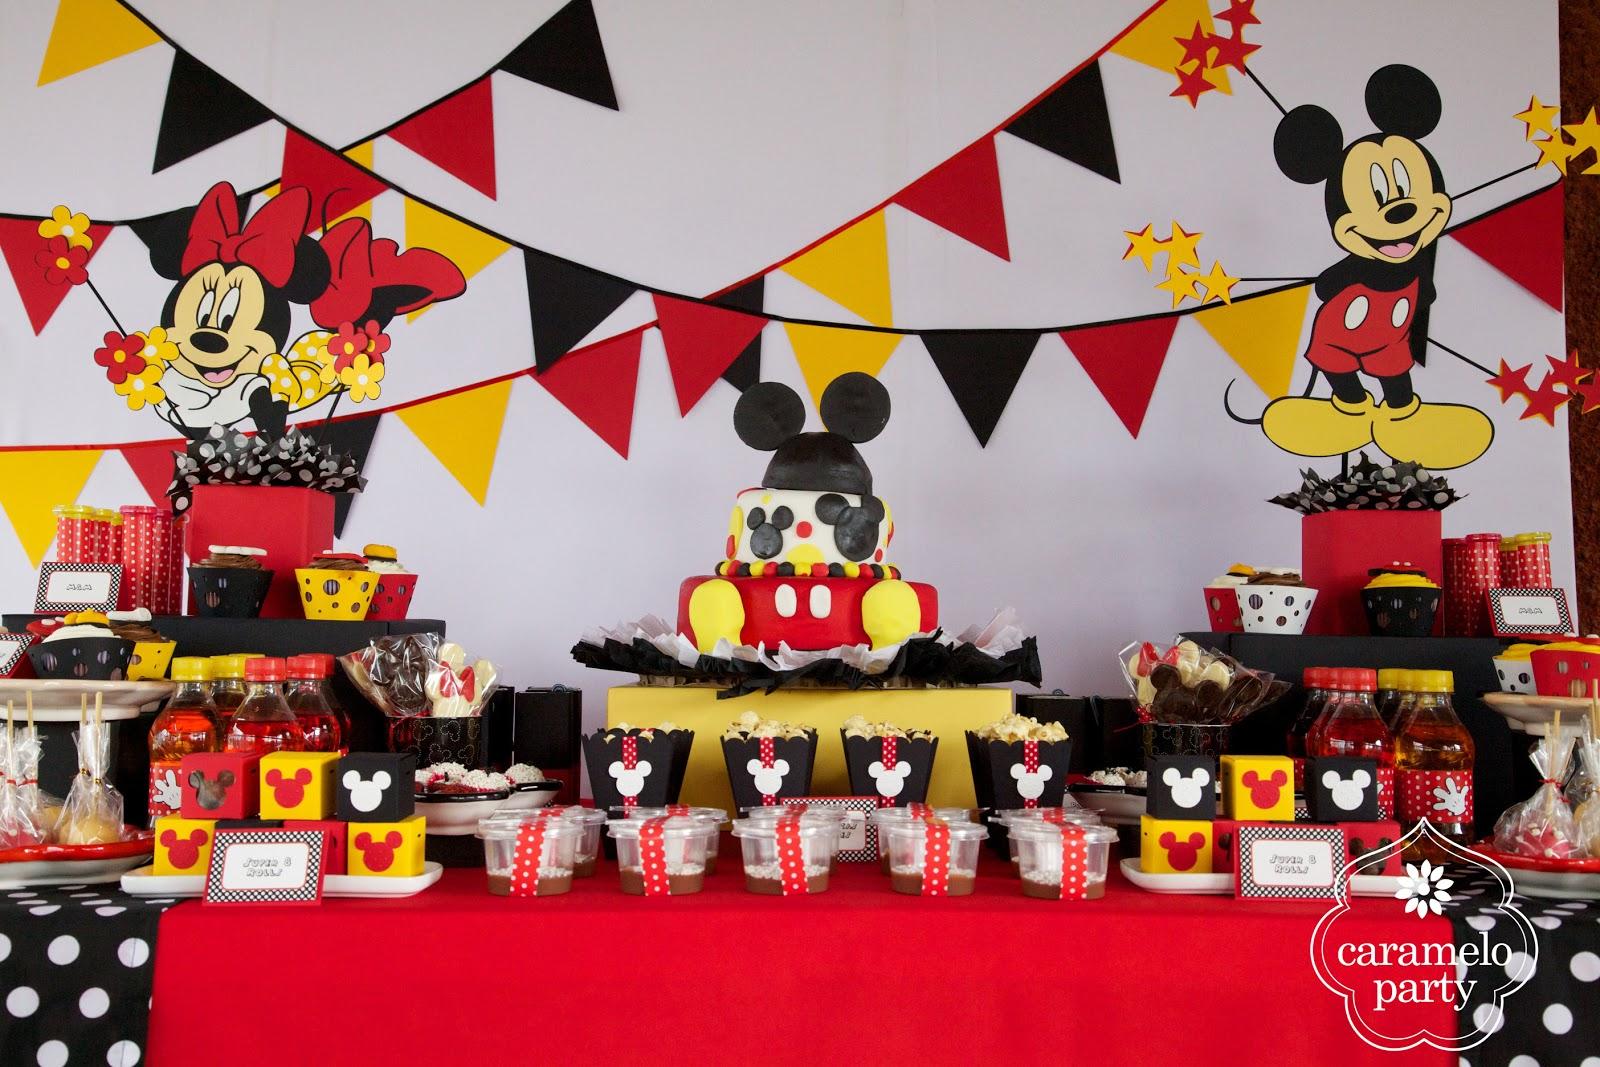 Caramelo party fiesta de mickey y minnie mouse - Adornos fiesta de cumpleanos ...